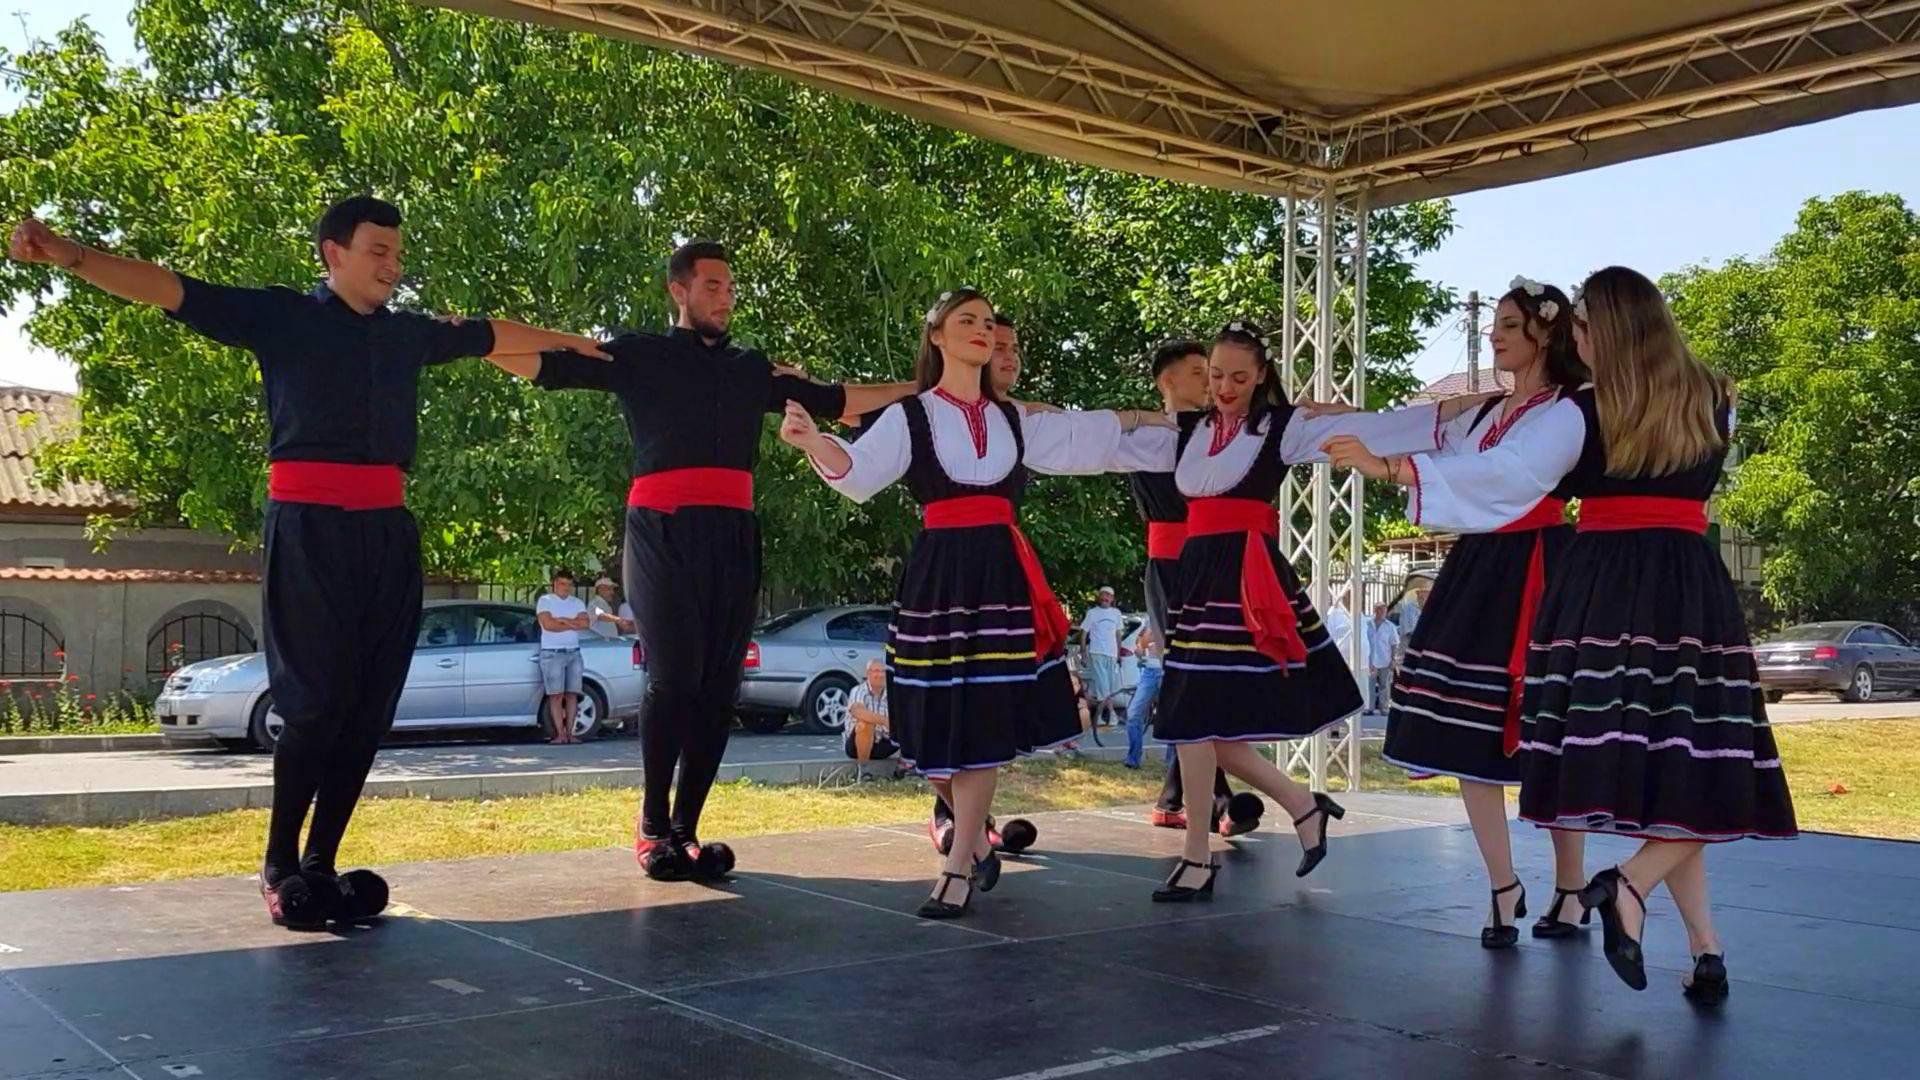 Mozaicul gastronomic, artistic și cultural al etniilor din Dobrogea a fost promovat astăzi la Cumpăna